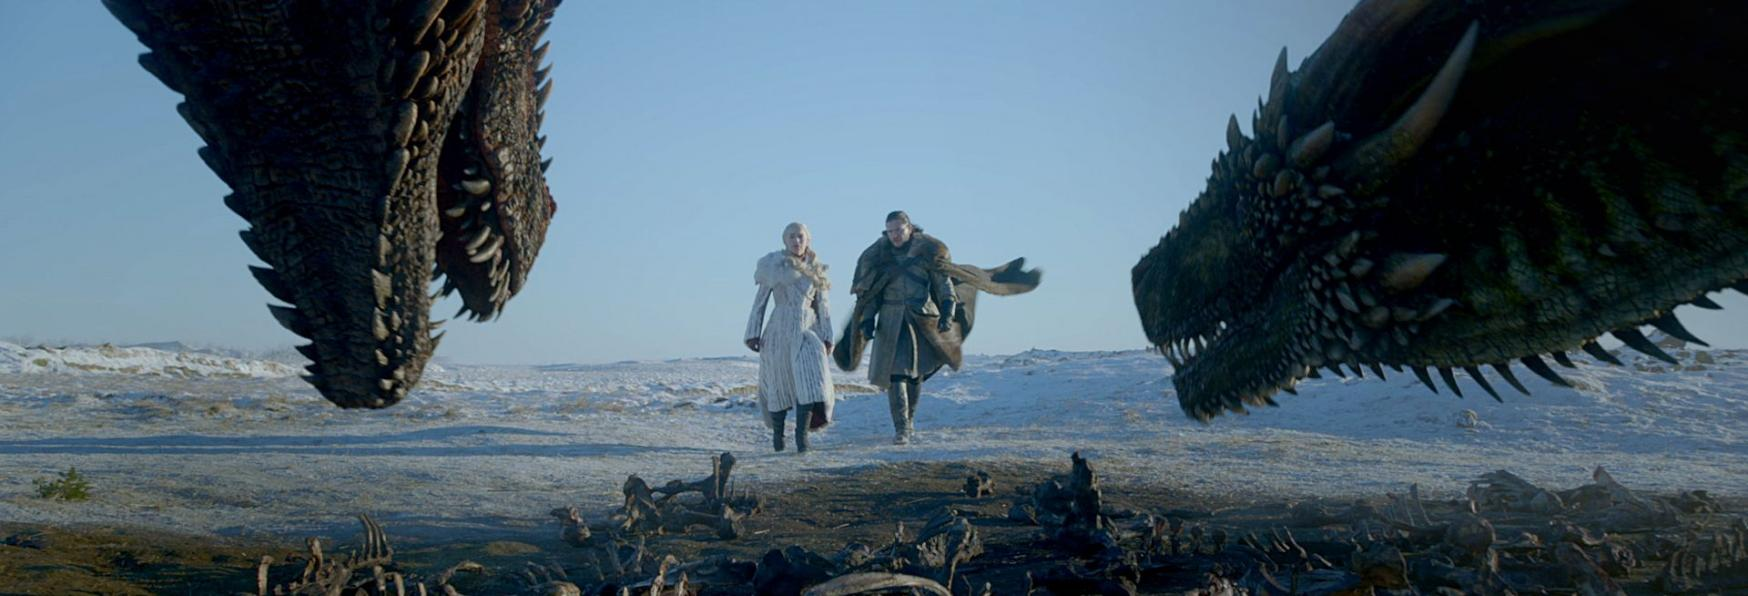 Il Trono di Spade: secondo alcuni Rumor, HBO sta sviluppando 3 nuove Serie TV Spin-Off